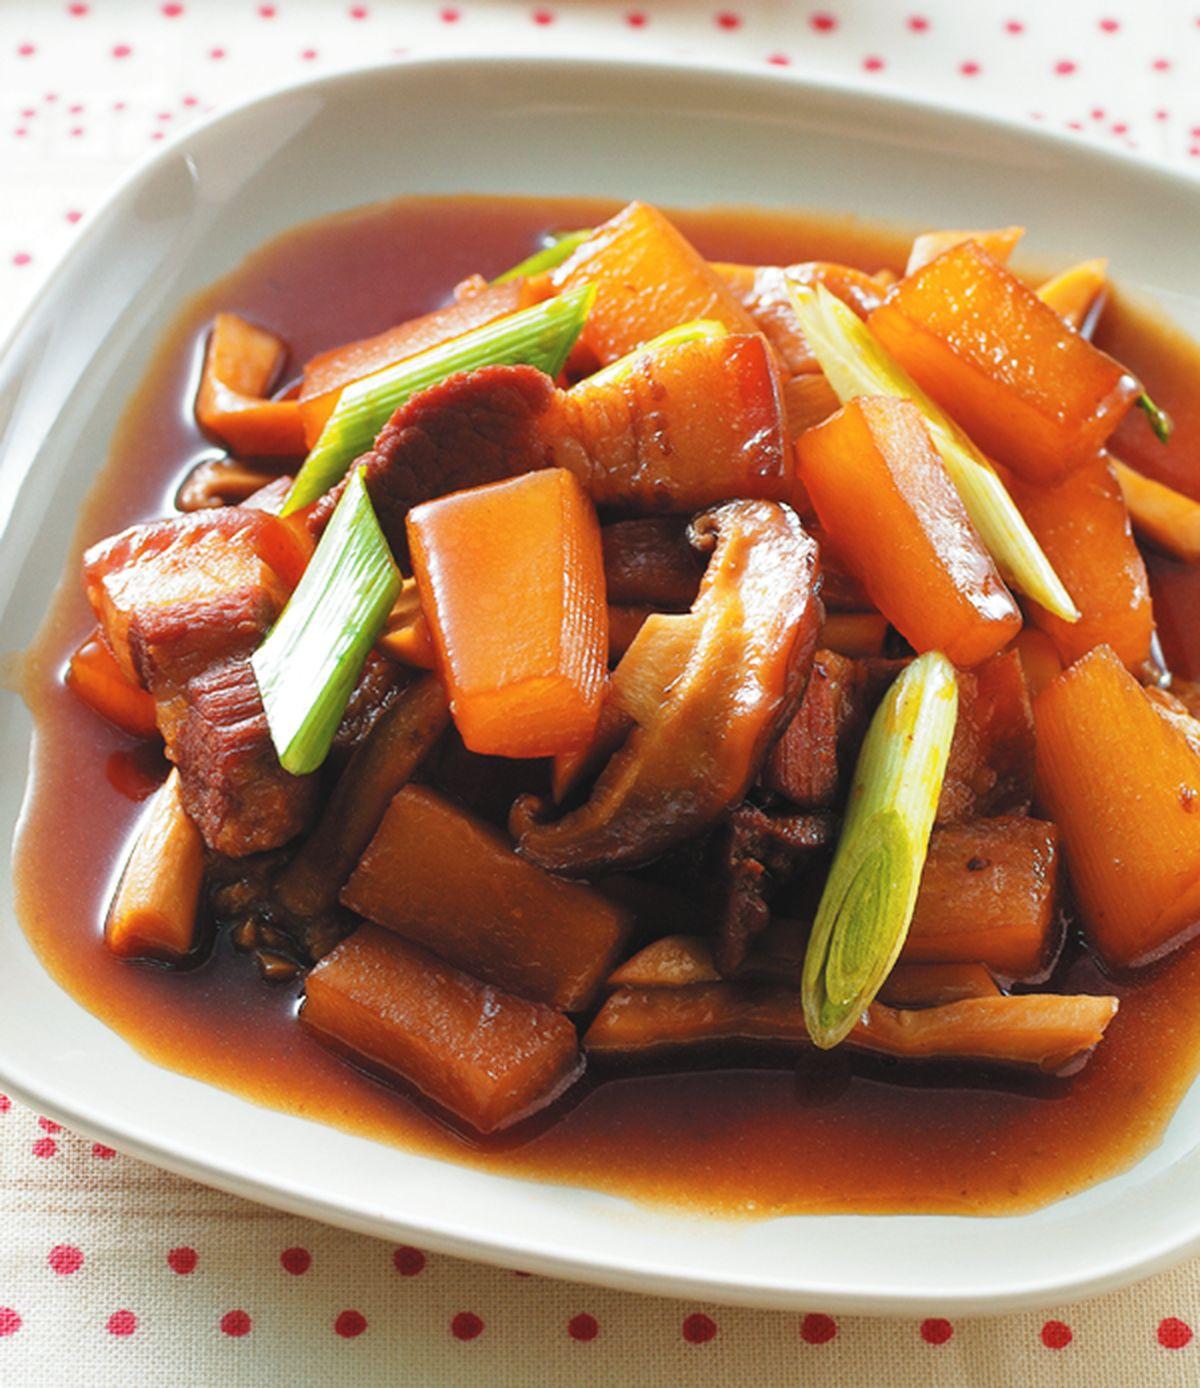 食譜:蘿蔔滷野菇